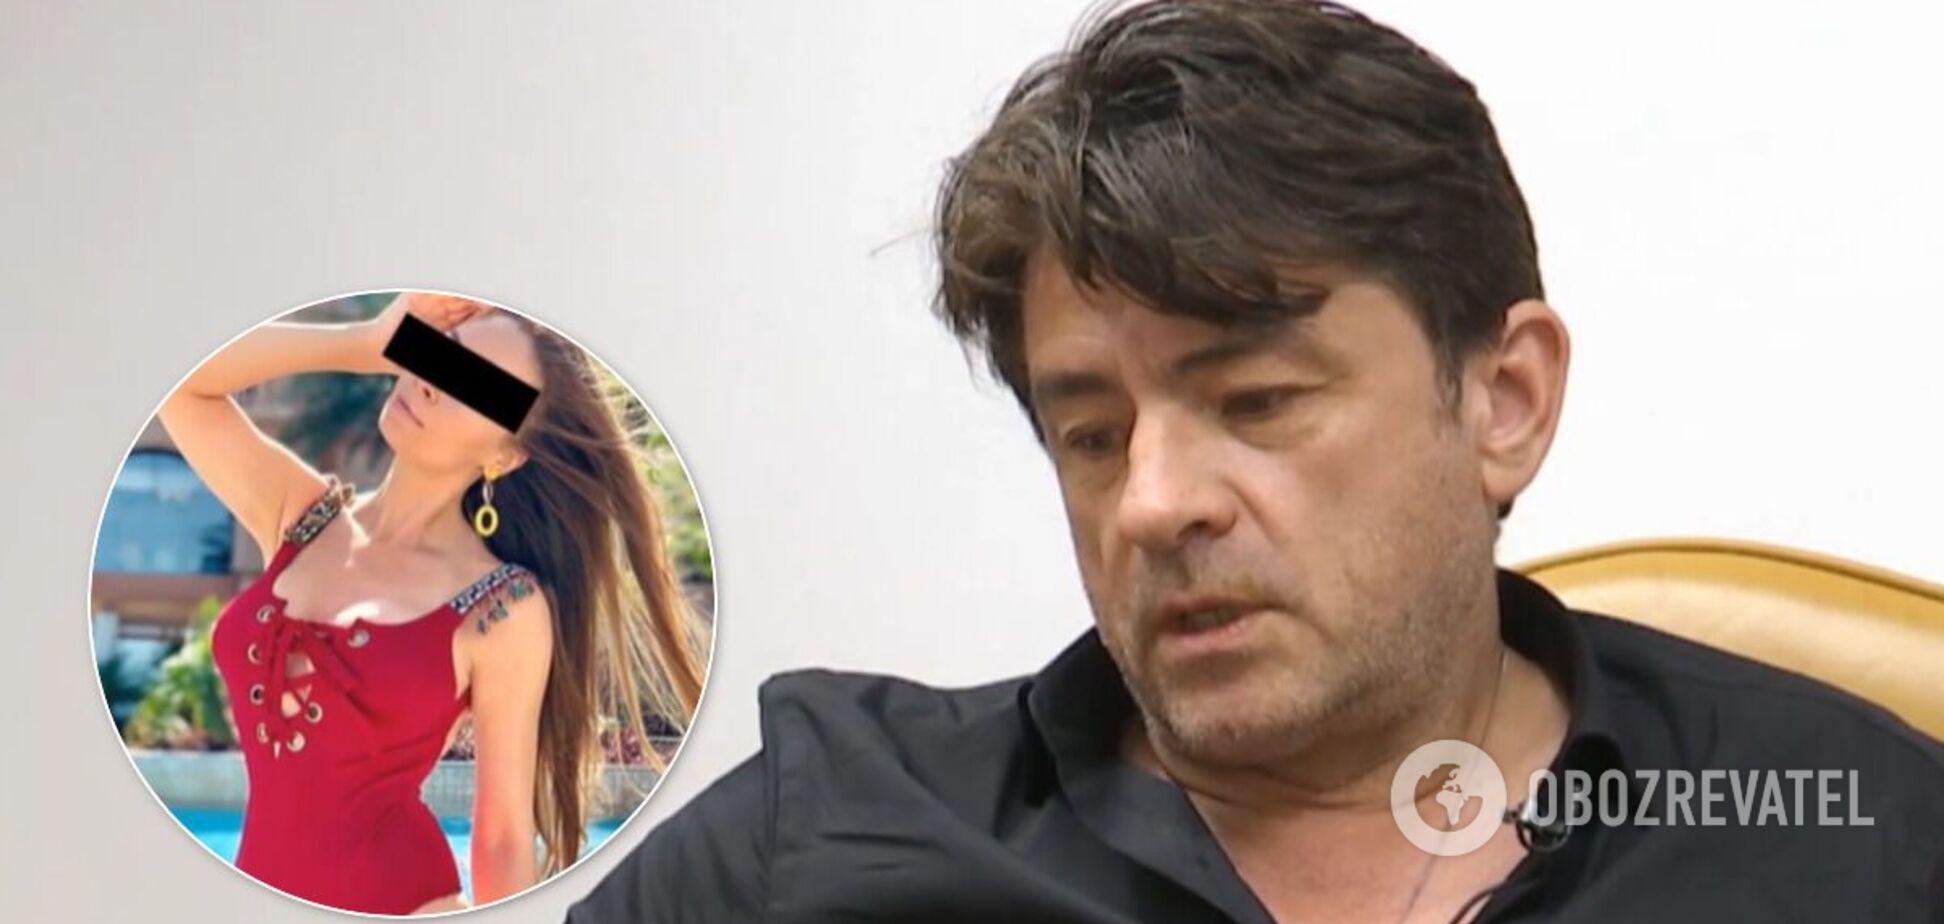 Бизнесмен из Бельгии стал жертвой аферистки из Украины: его 'развели' на 200 тыс. евро